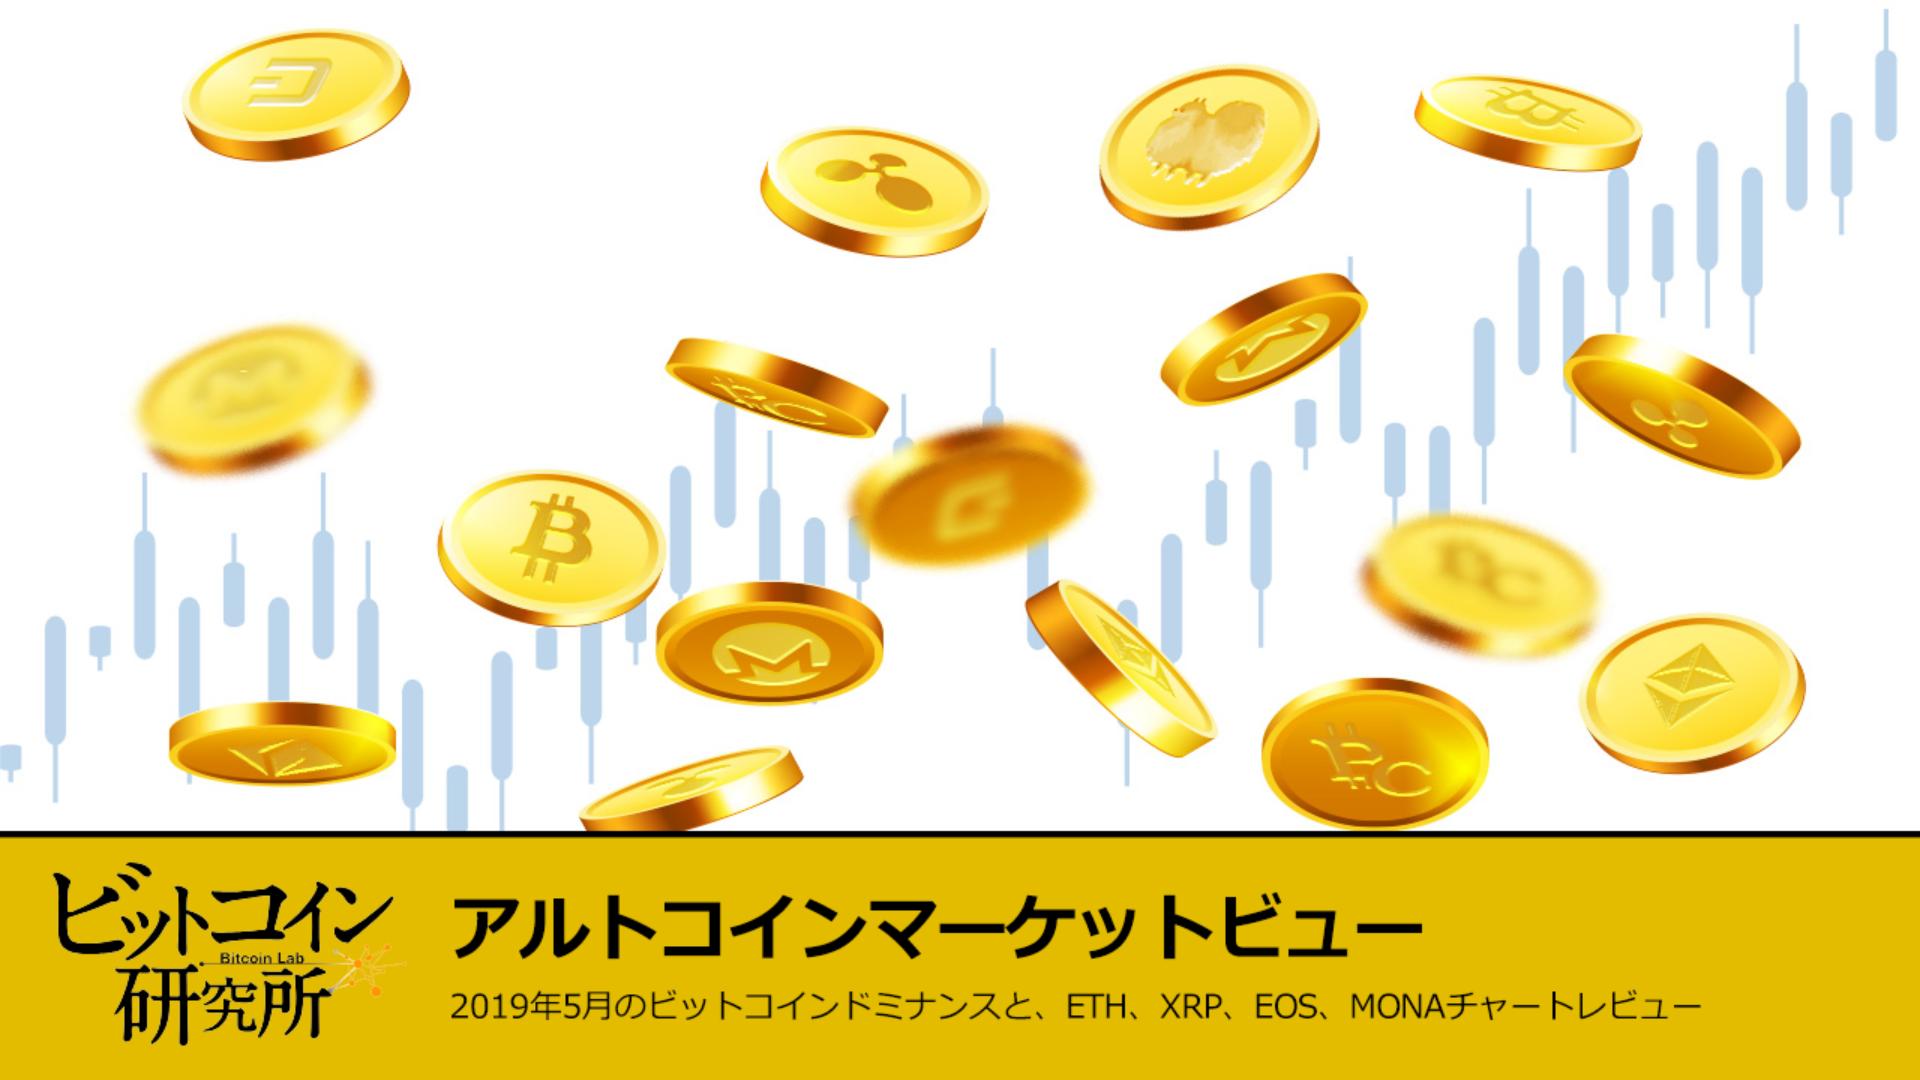 アルトコインマーケットビュー(2019年5月の振り返り)